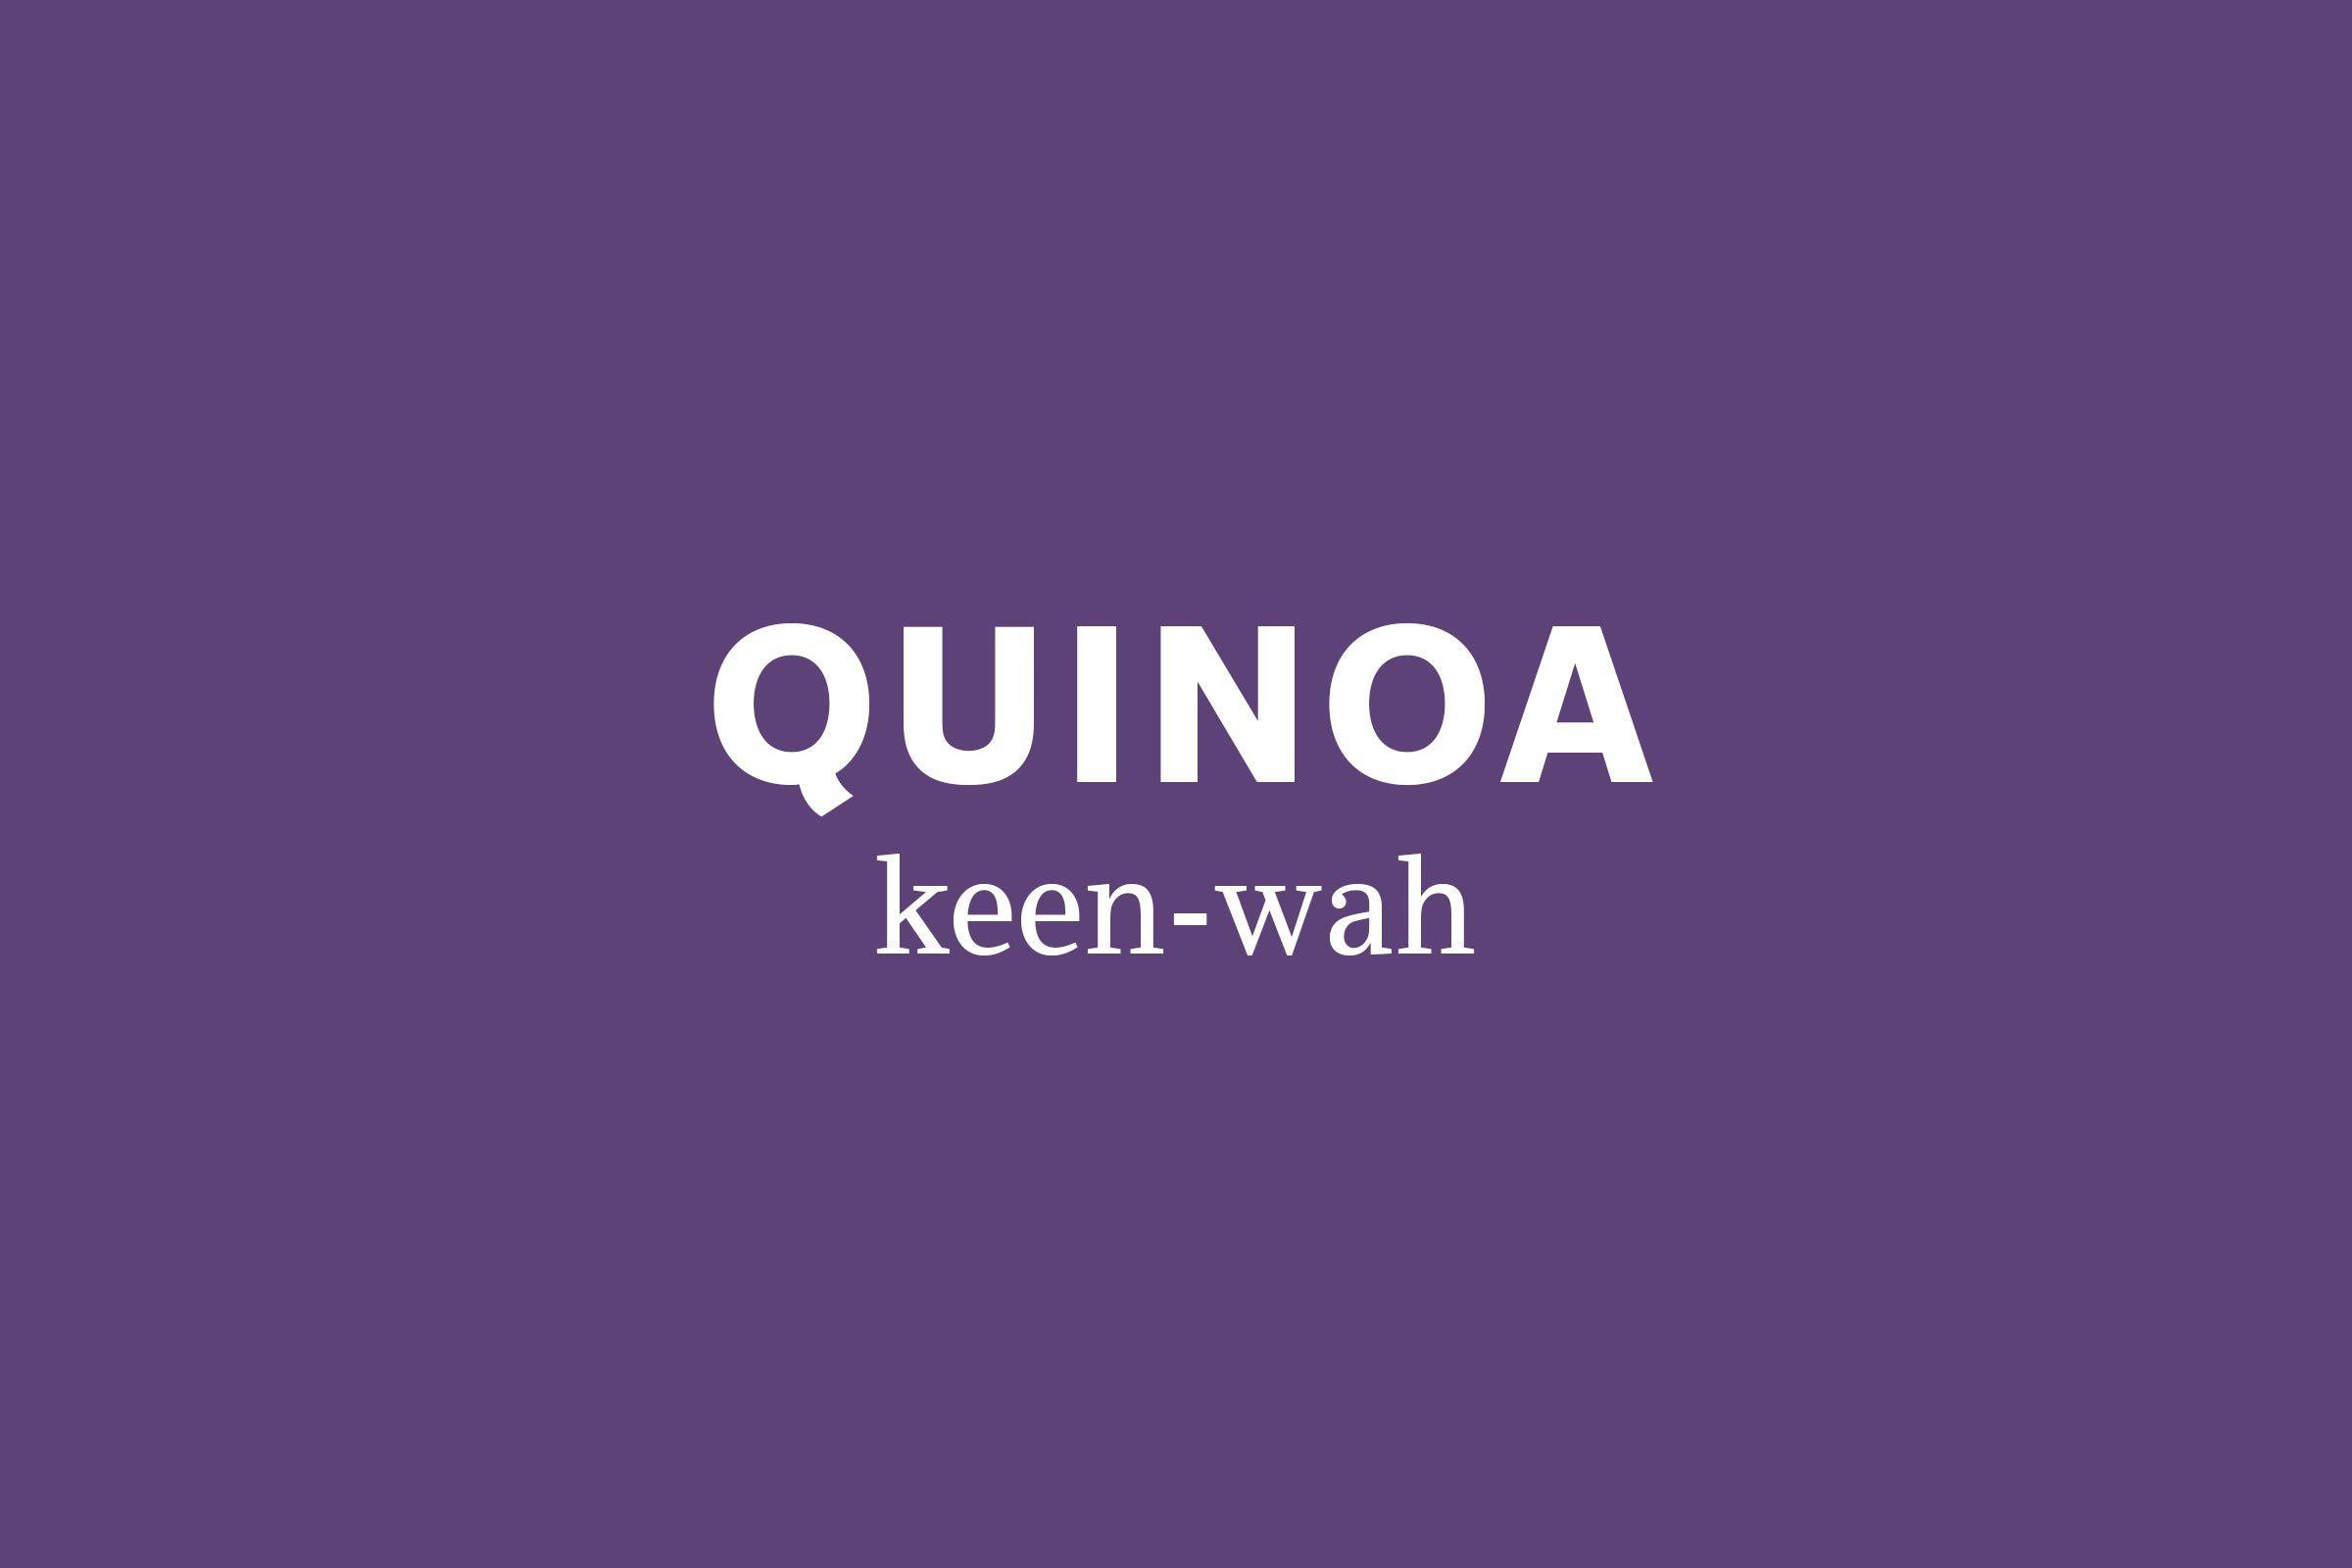 quinoa pronunciation